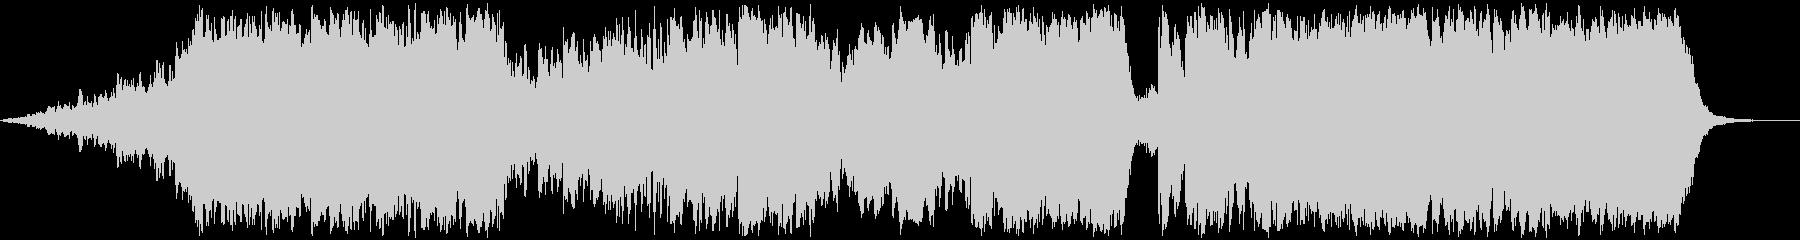 破壊シーンの音楽の未再生の波形